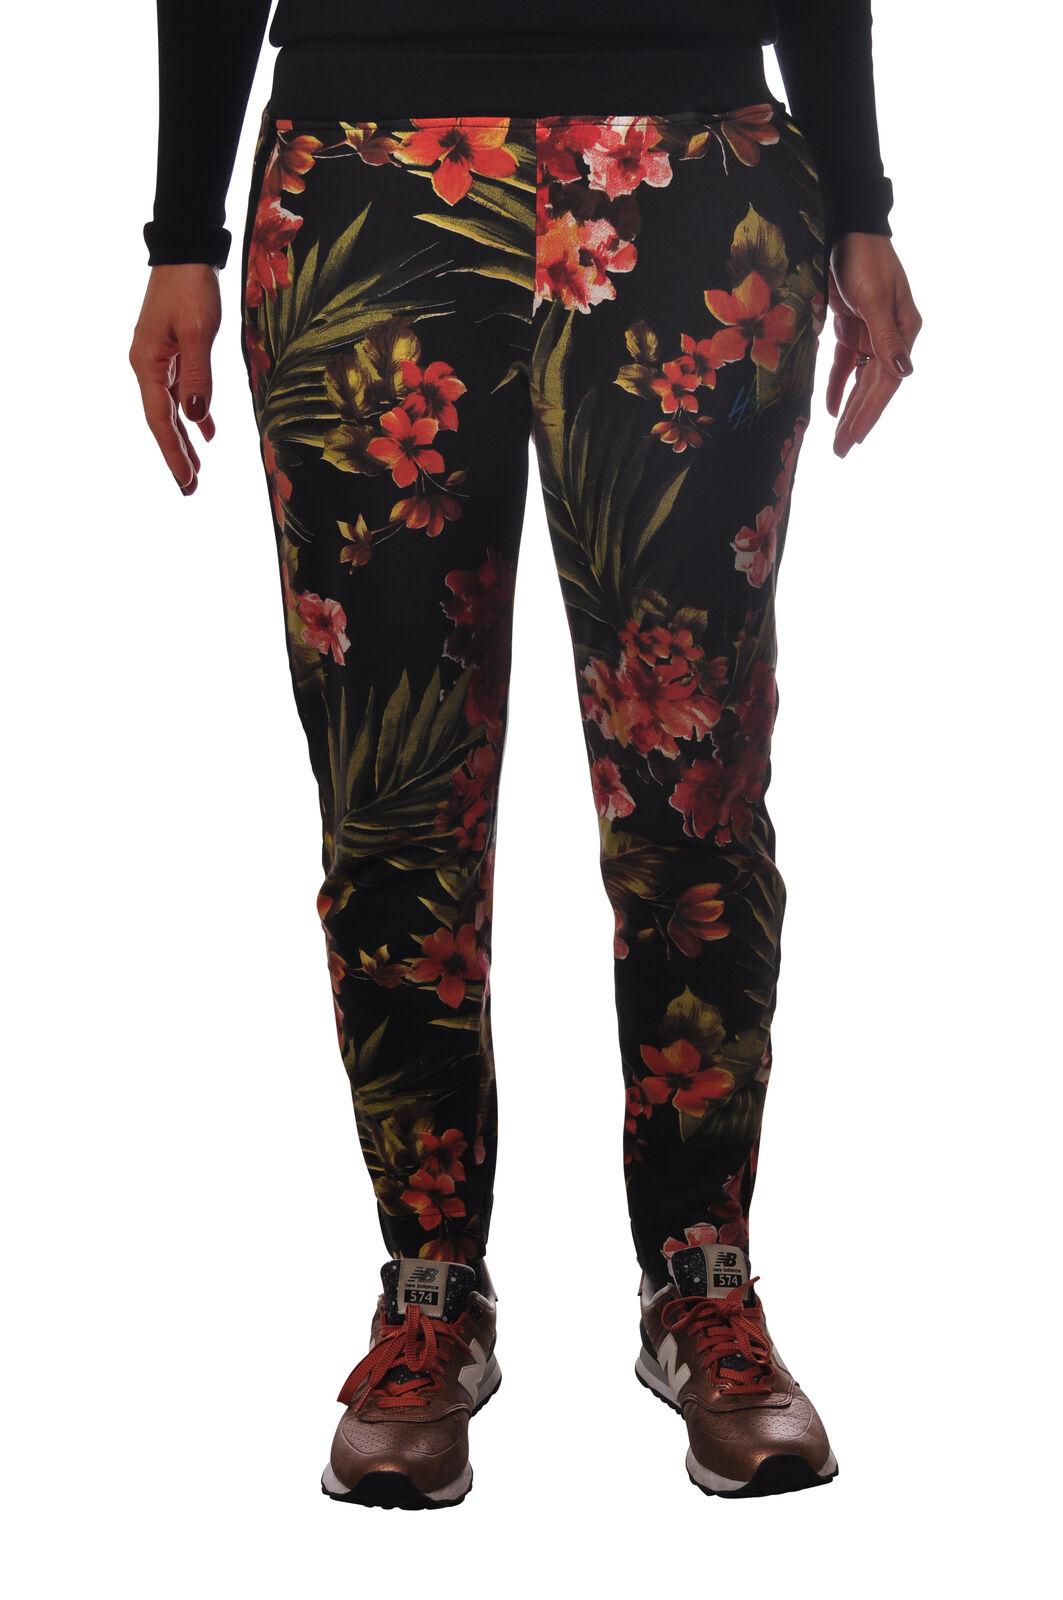 Felicidad-Pantalones, Pantalones, Sudadera-Mujer-Fantasía - 5224117D184436   buena reputación